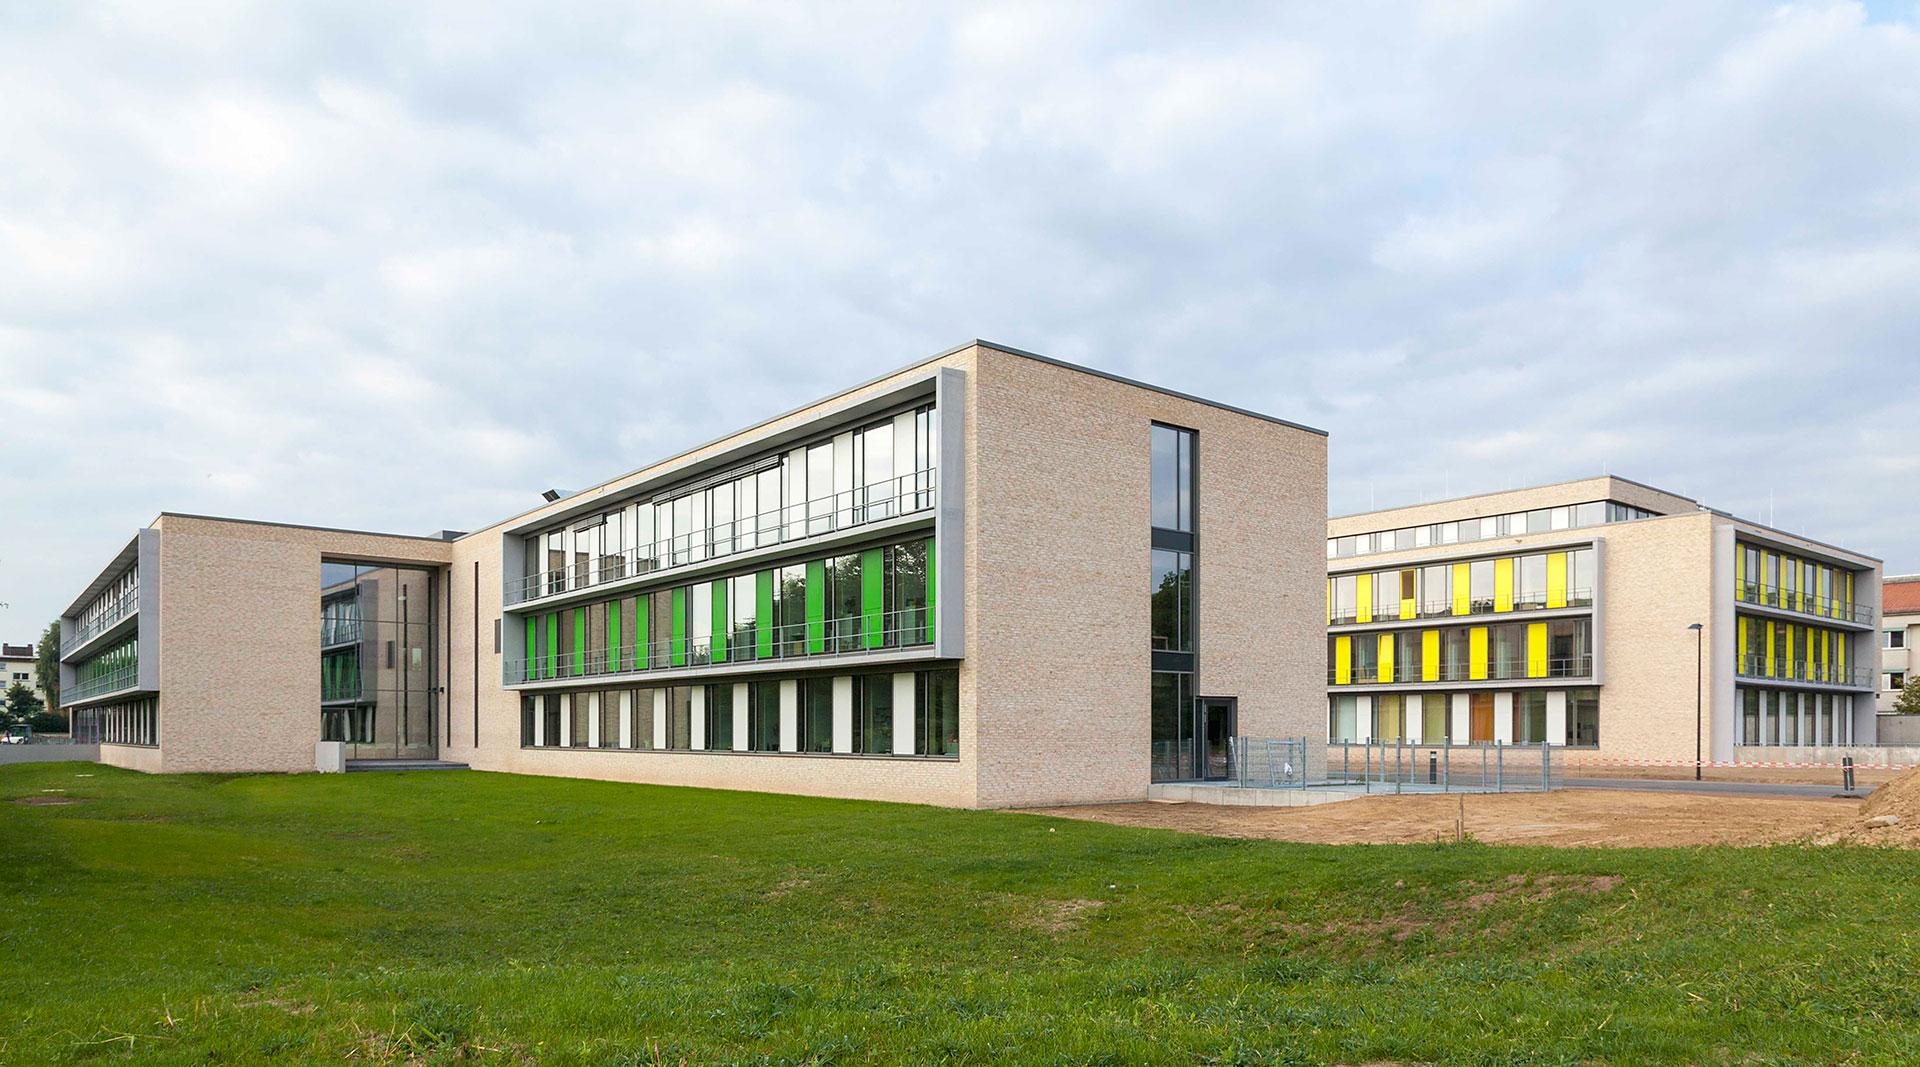 Architekt Weinheim verwaltungsgebäude in weinheim oho architekten stuttgart